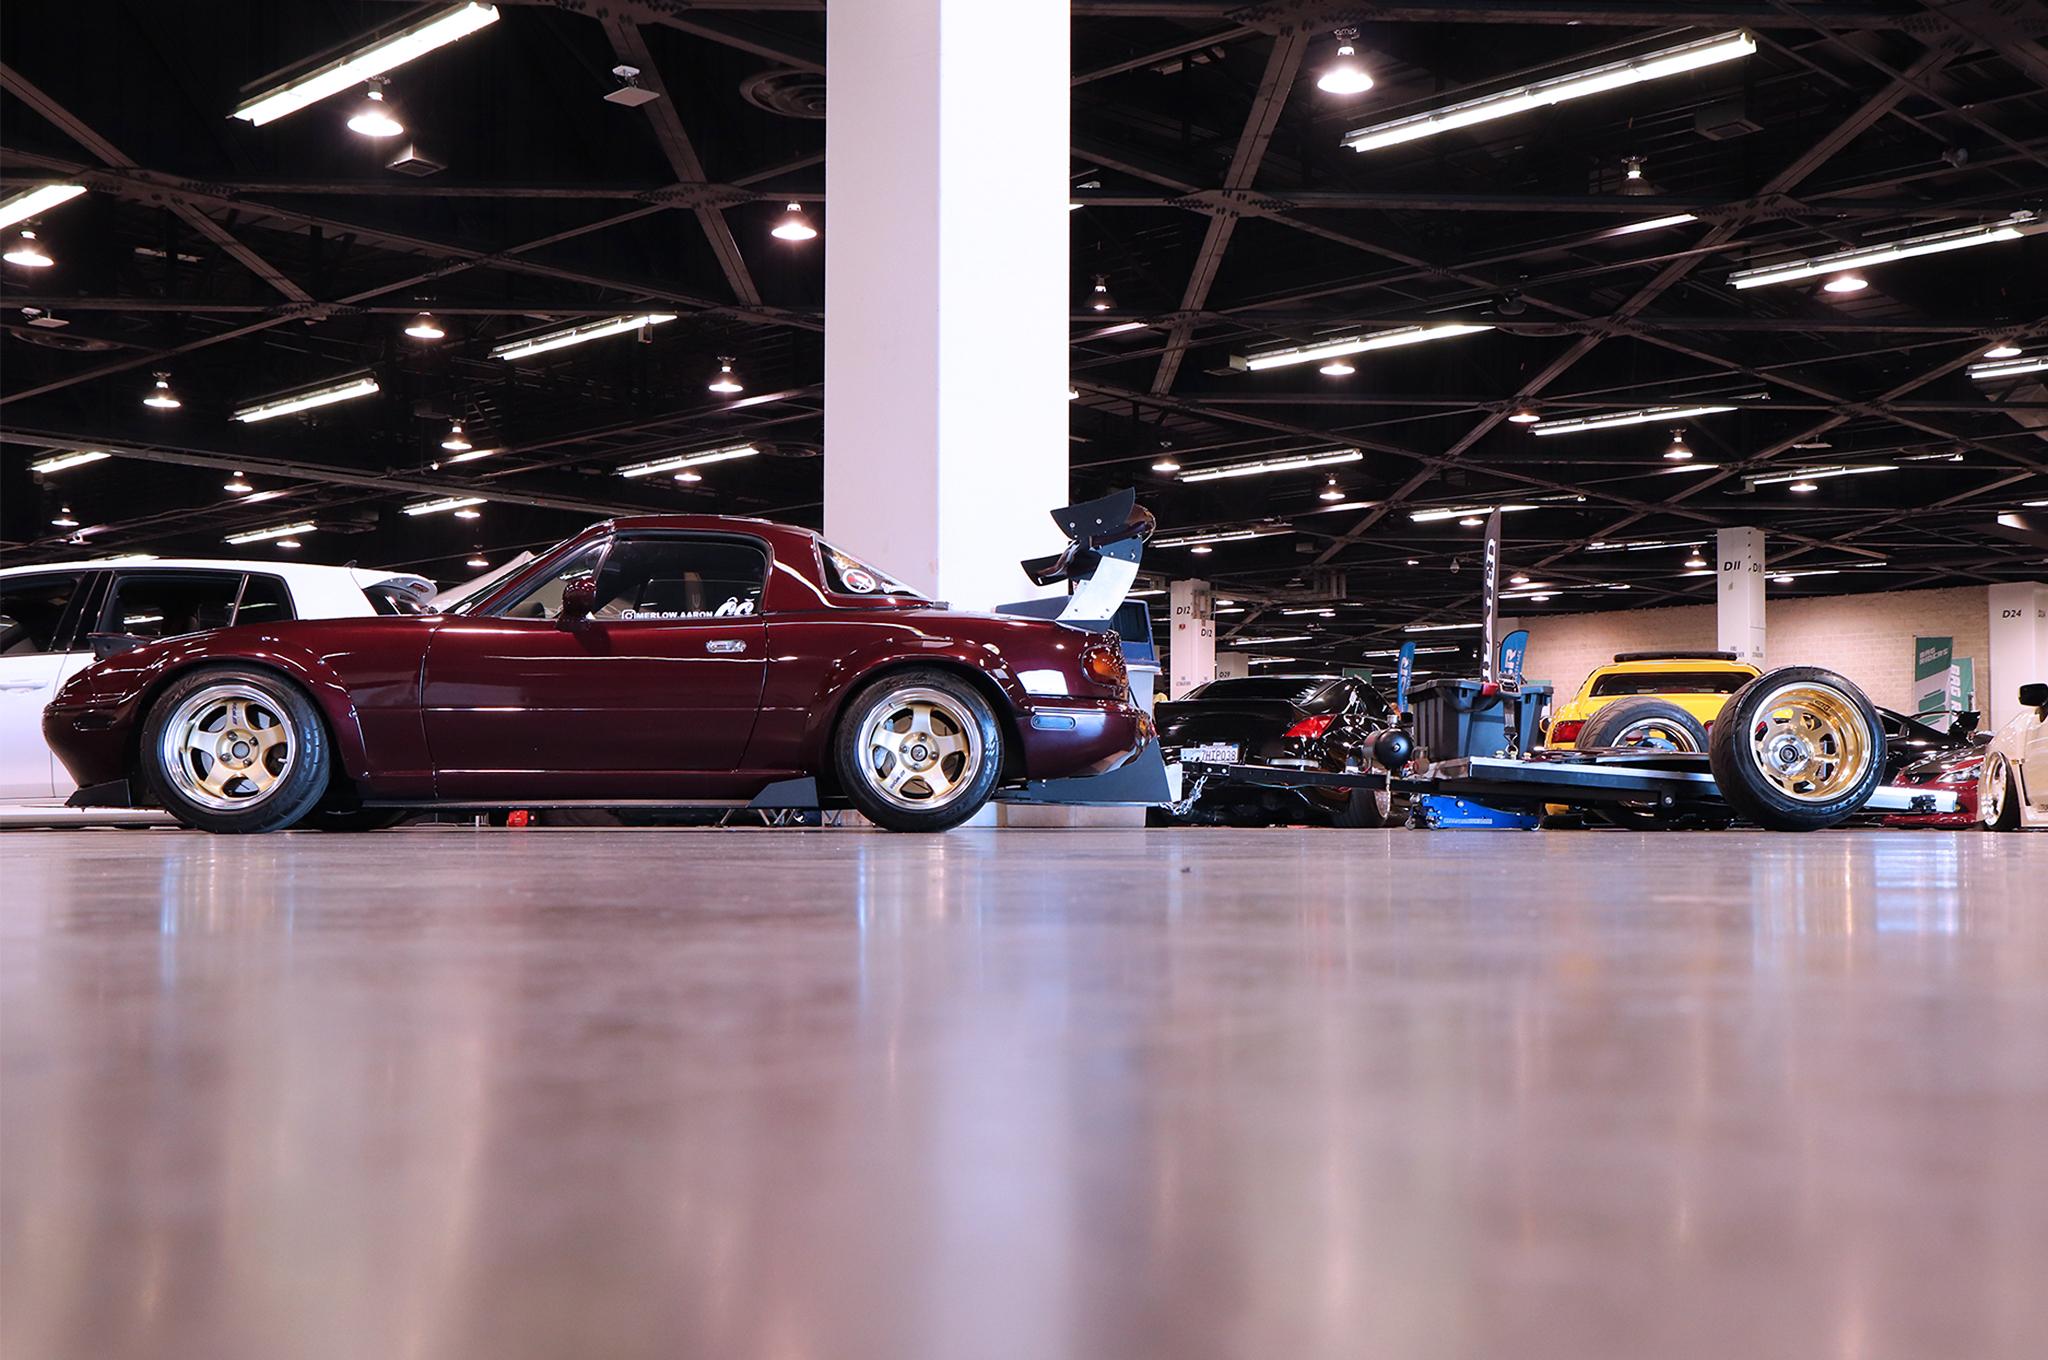 Tuner Evo Socal 19 Spotlight 1995 Mazda Miata M